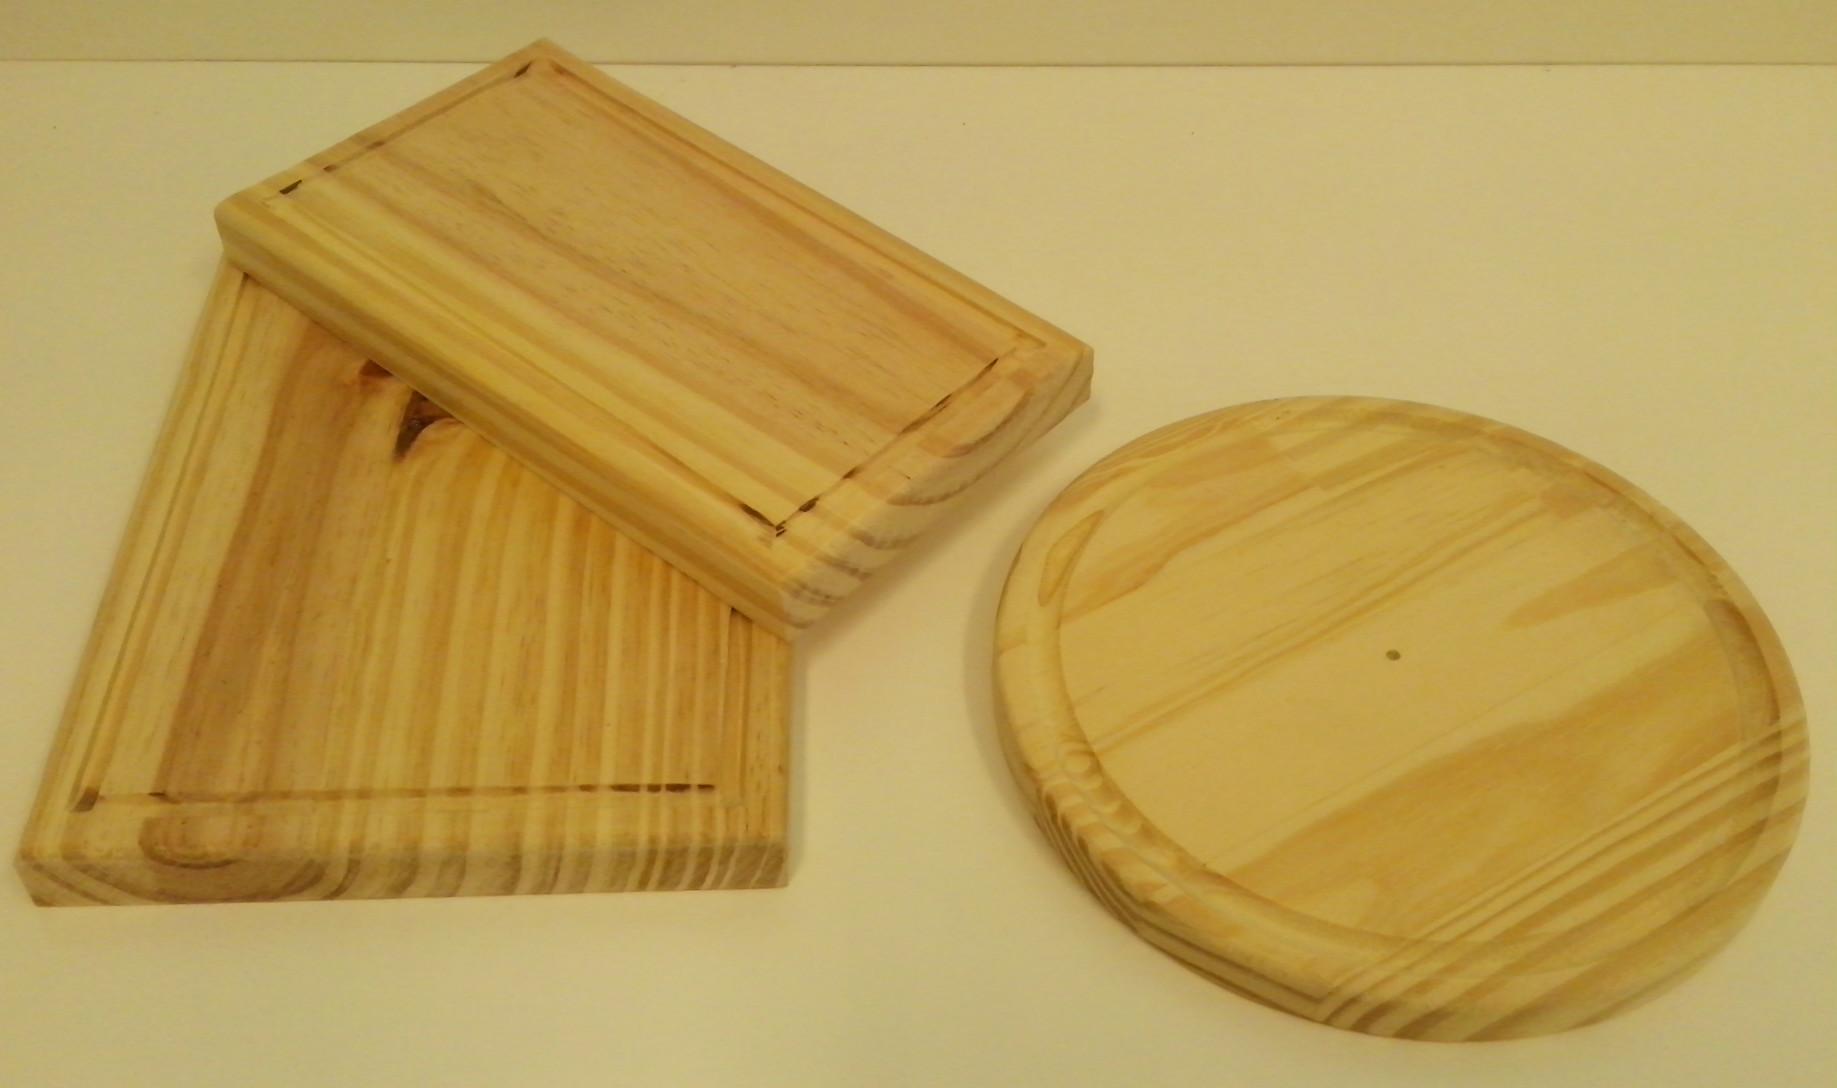 Producto tablas para asado corralon maderas america - Tablas de madera precio ...